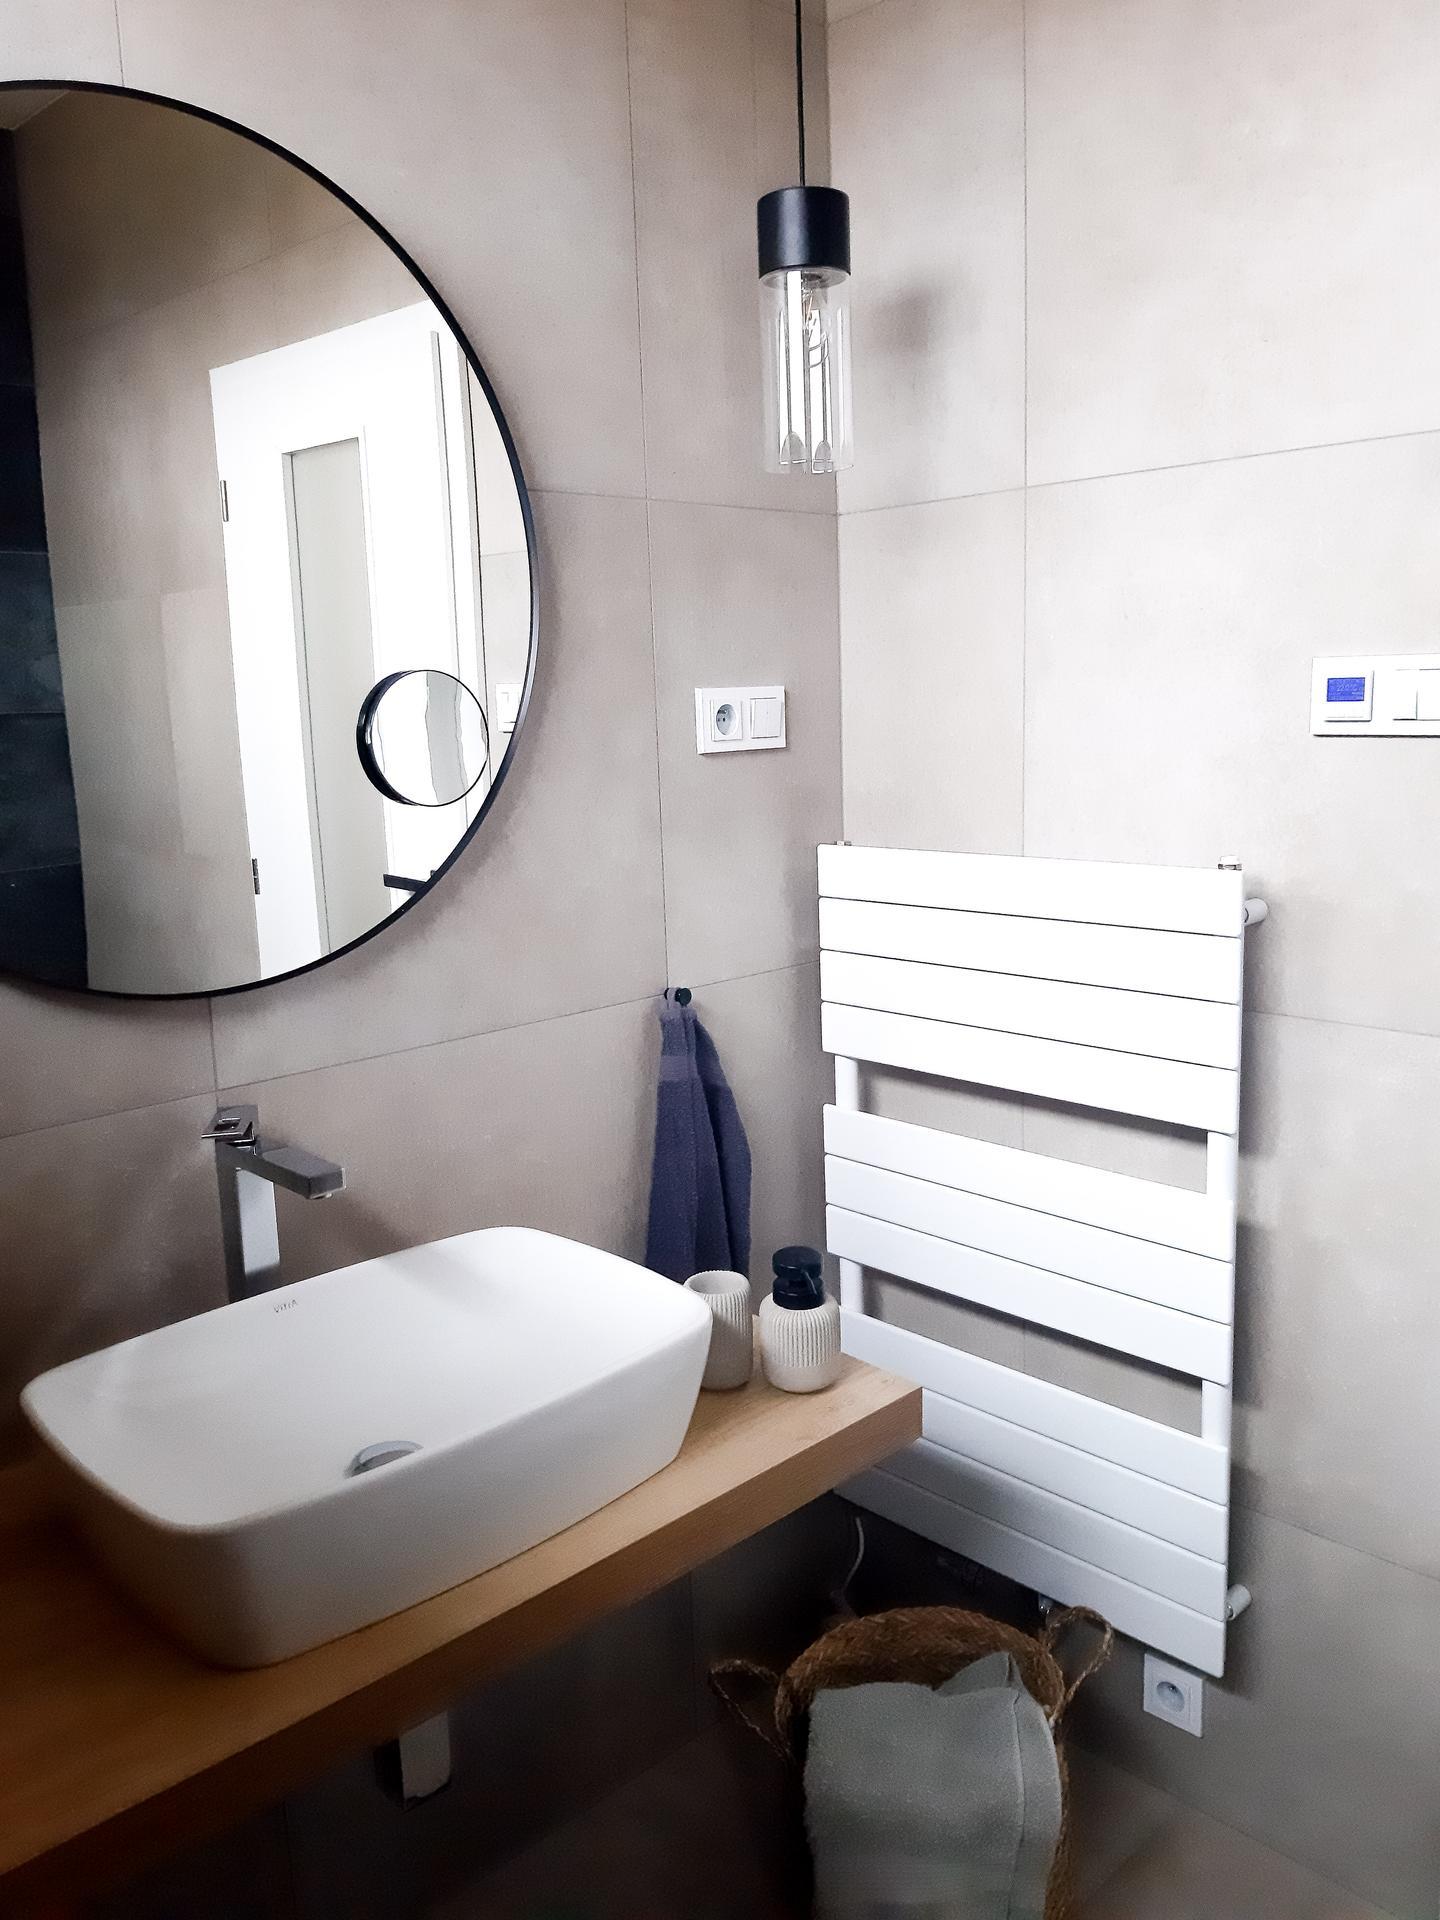 Bydlíme 2020 ❤ - Naše menší koupelna u ložnice.😊